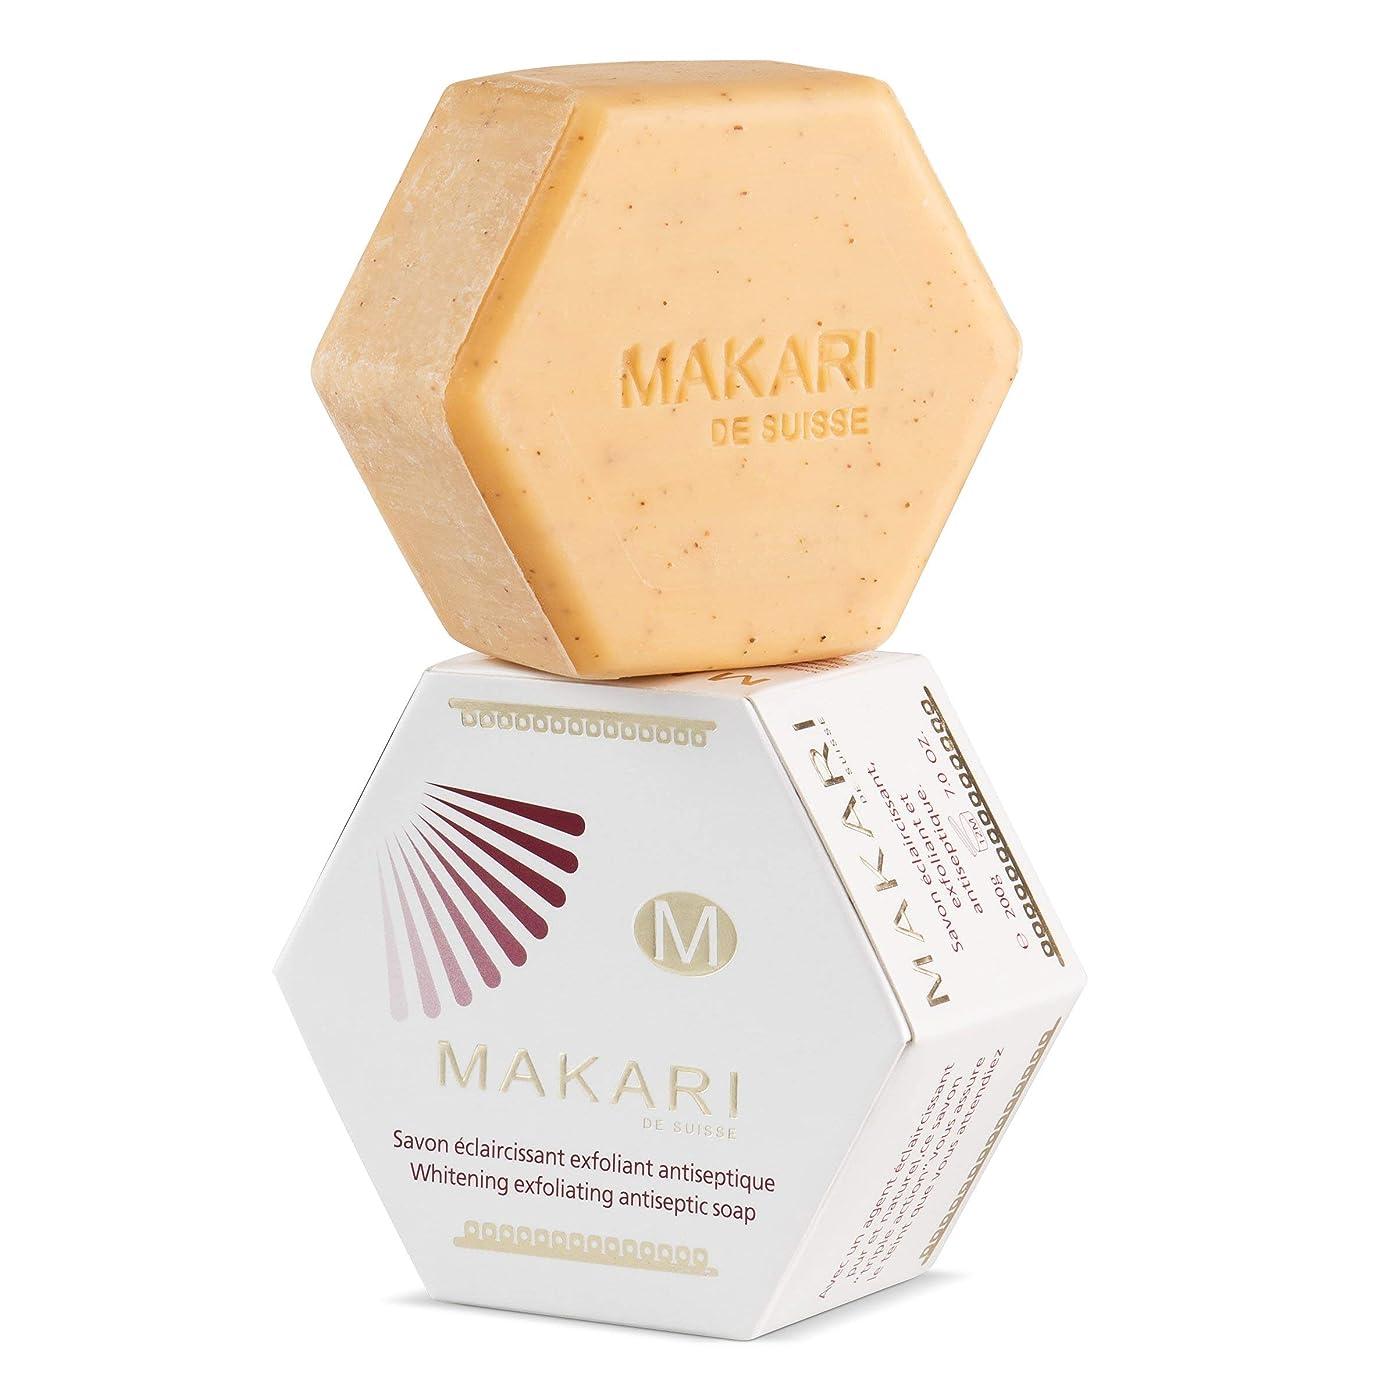 不定悪質な元気なMAKARI Classic Whitening Exfoliating Antiseptic Soap 7 Oz.– Cleansing & Moisturizing Bar Soap For Face & Body – Brightens Skin & Fades Dark Spots, Acne Scars, Blemishes & Hyperpigmentation